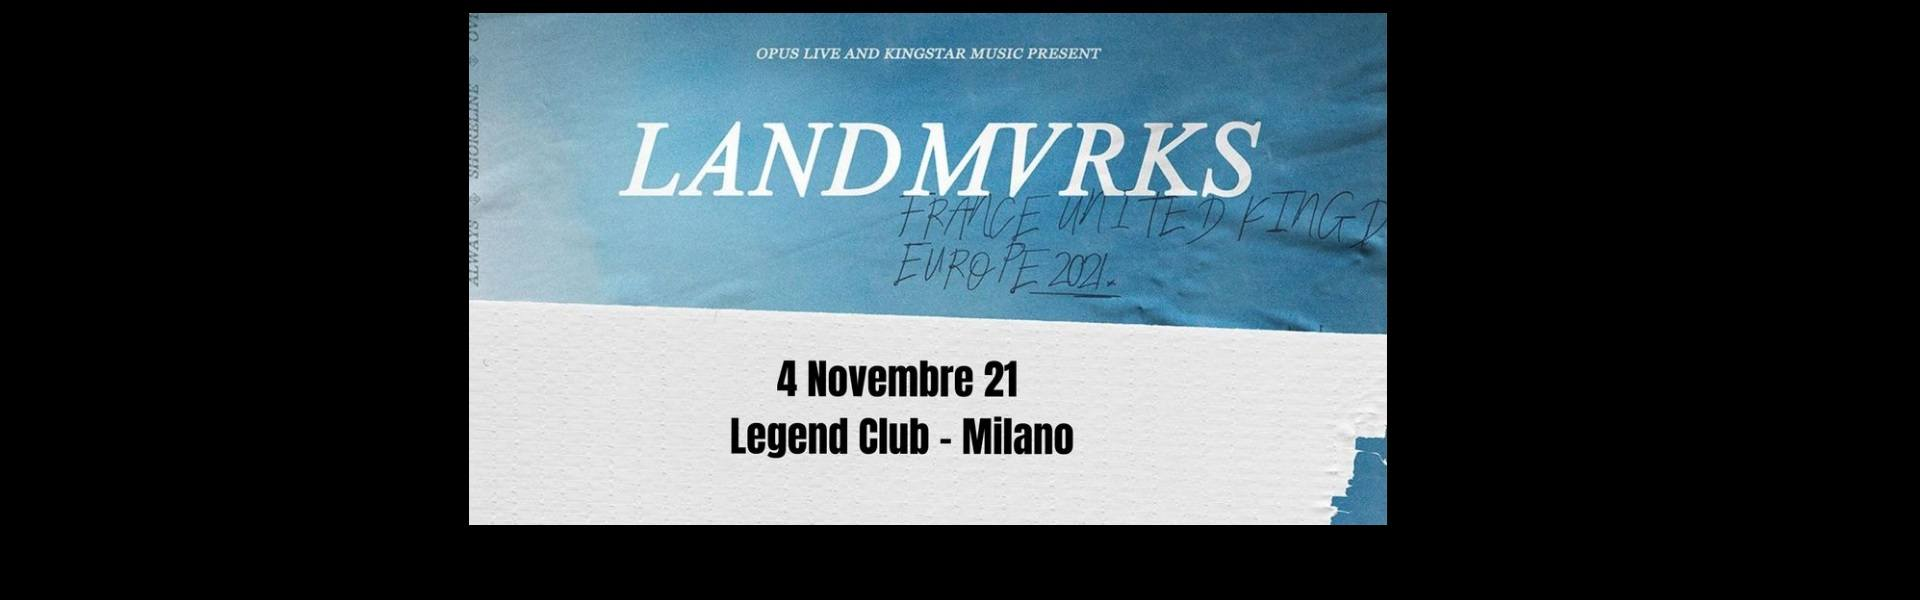 LANDMVRKS biglietti concerto Legend club Milano 4 novembre 2021